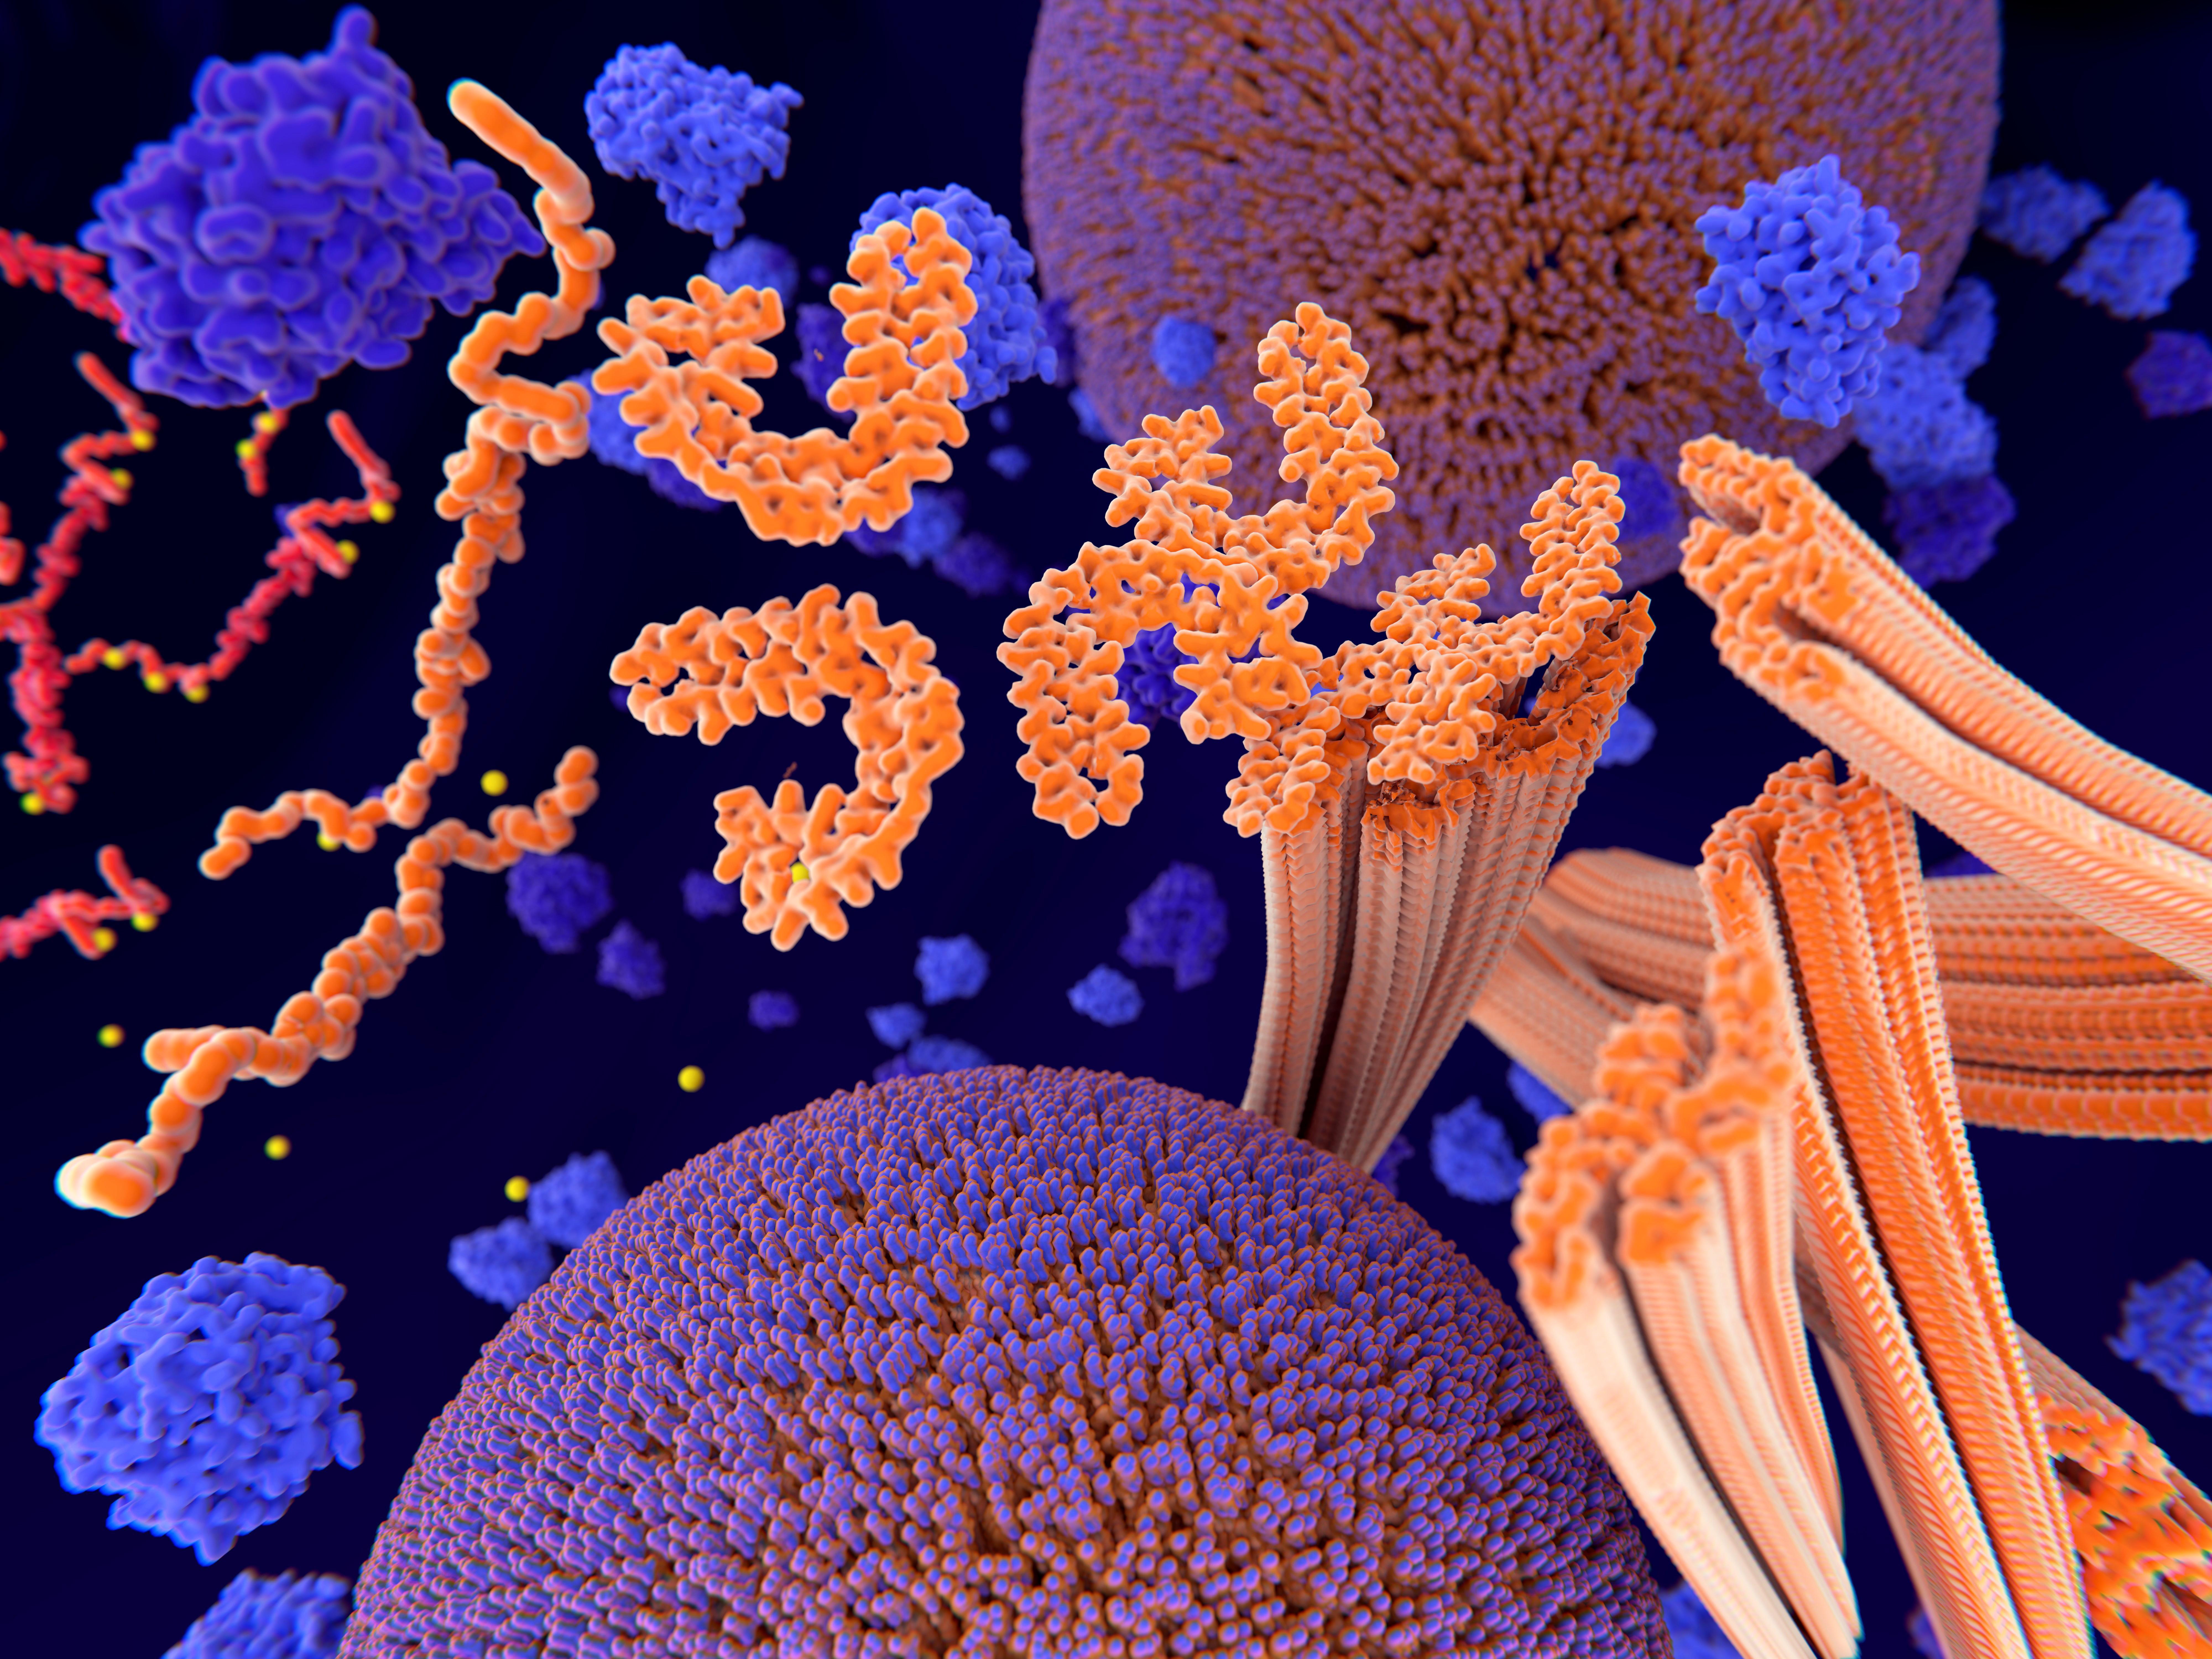 Une nouvelle forme de thérapie génique qui pourrait offrir une toute nouvelle voie thérapeutique pour la maladie d'Alzheimer, en réduisant considérablement les niveaux de la protéine toxique Tau dans le cerveau (Visuel Adobe Stock 231906160)